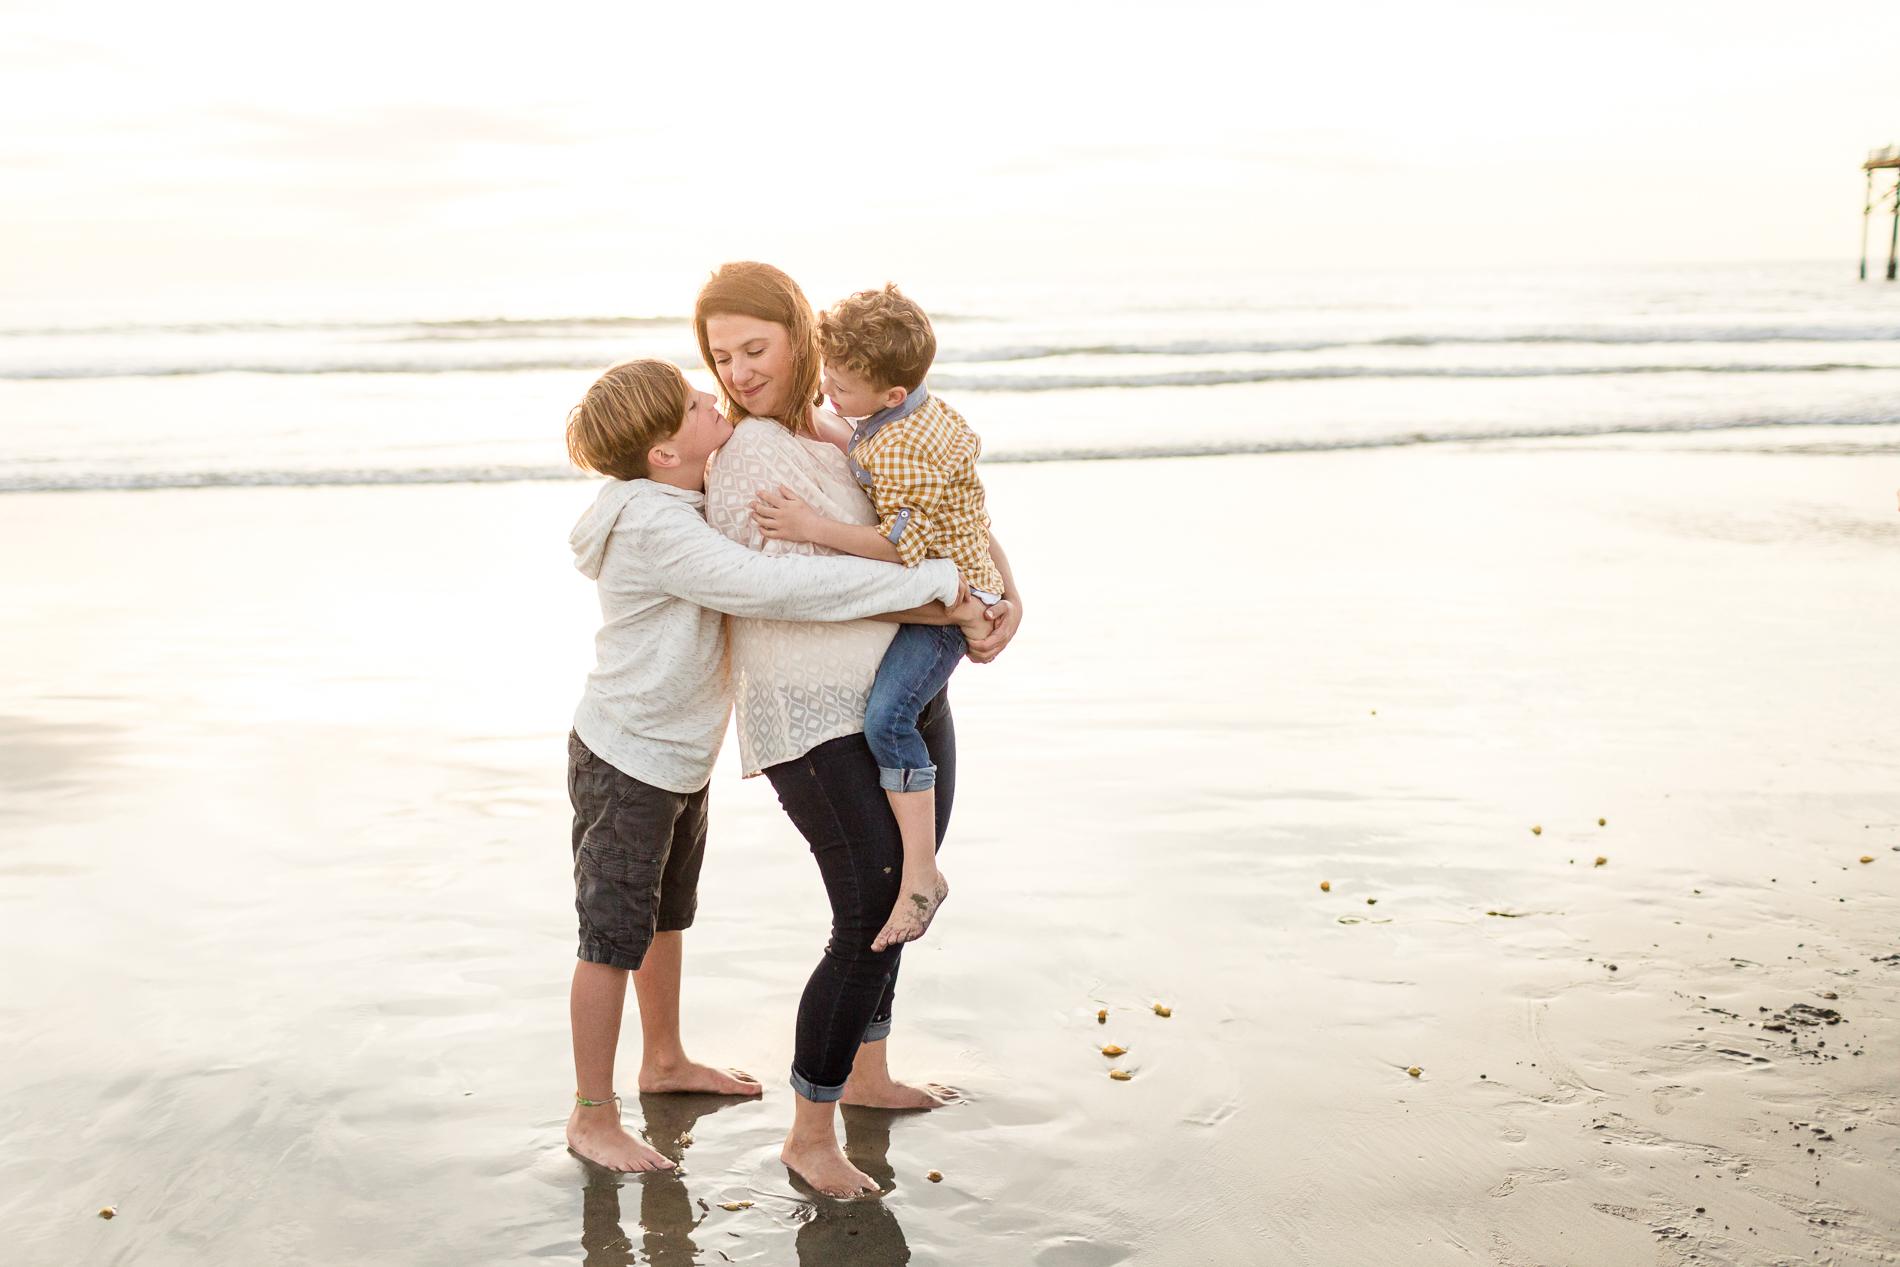 San Diego Family Photographer Beach Crystal Pier Christine Dammann Photography WS HF-13.jpg